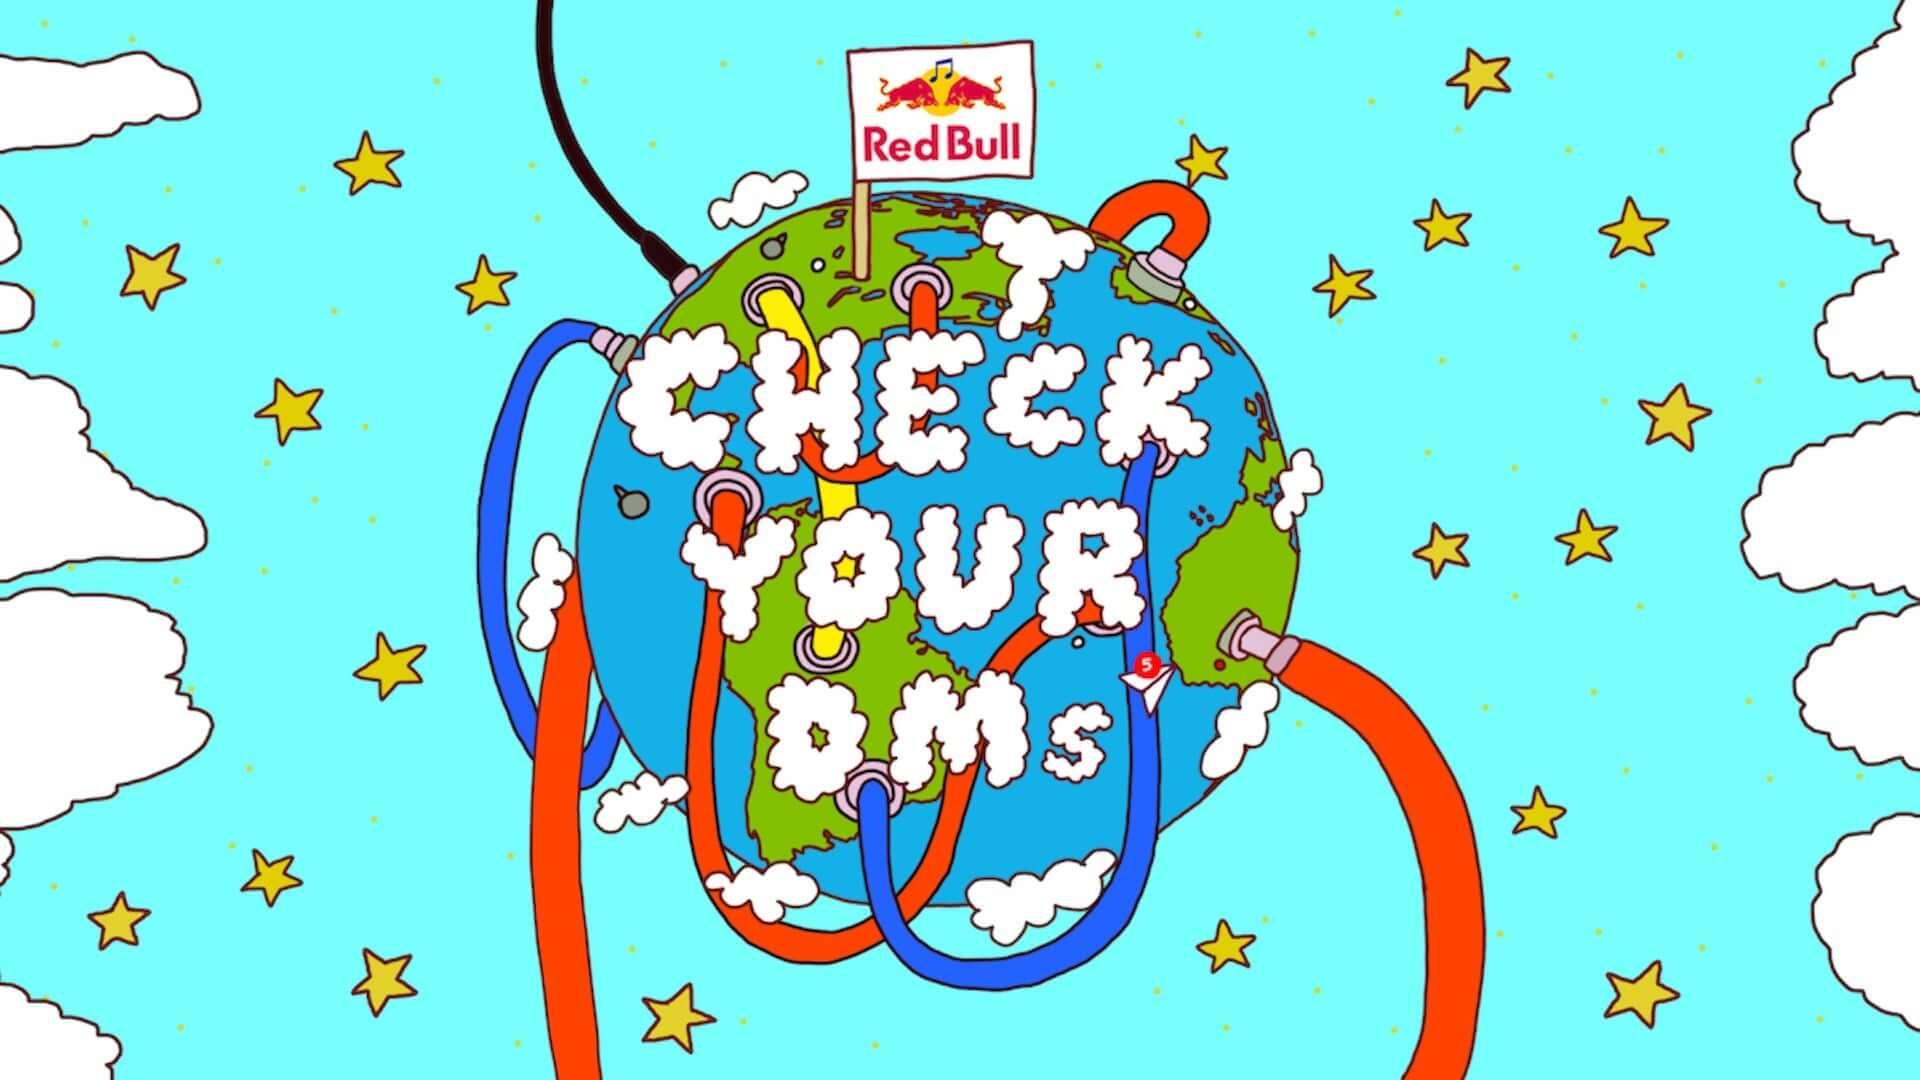 tofubeatsがレッドブル版リアリティショー『Red Bull Check Your DMs』に出演!リモートでコラボ曲制作 200525_tofubeats_redbull_4-1920x1080